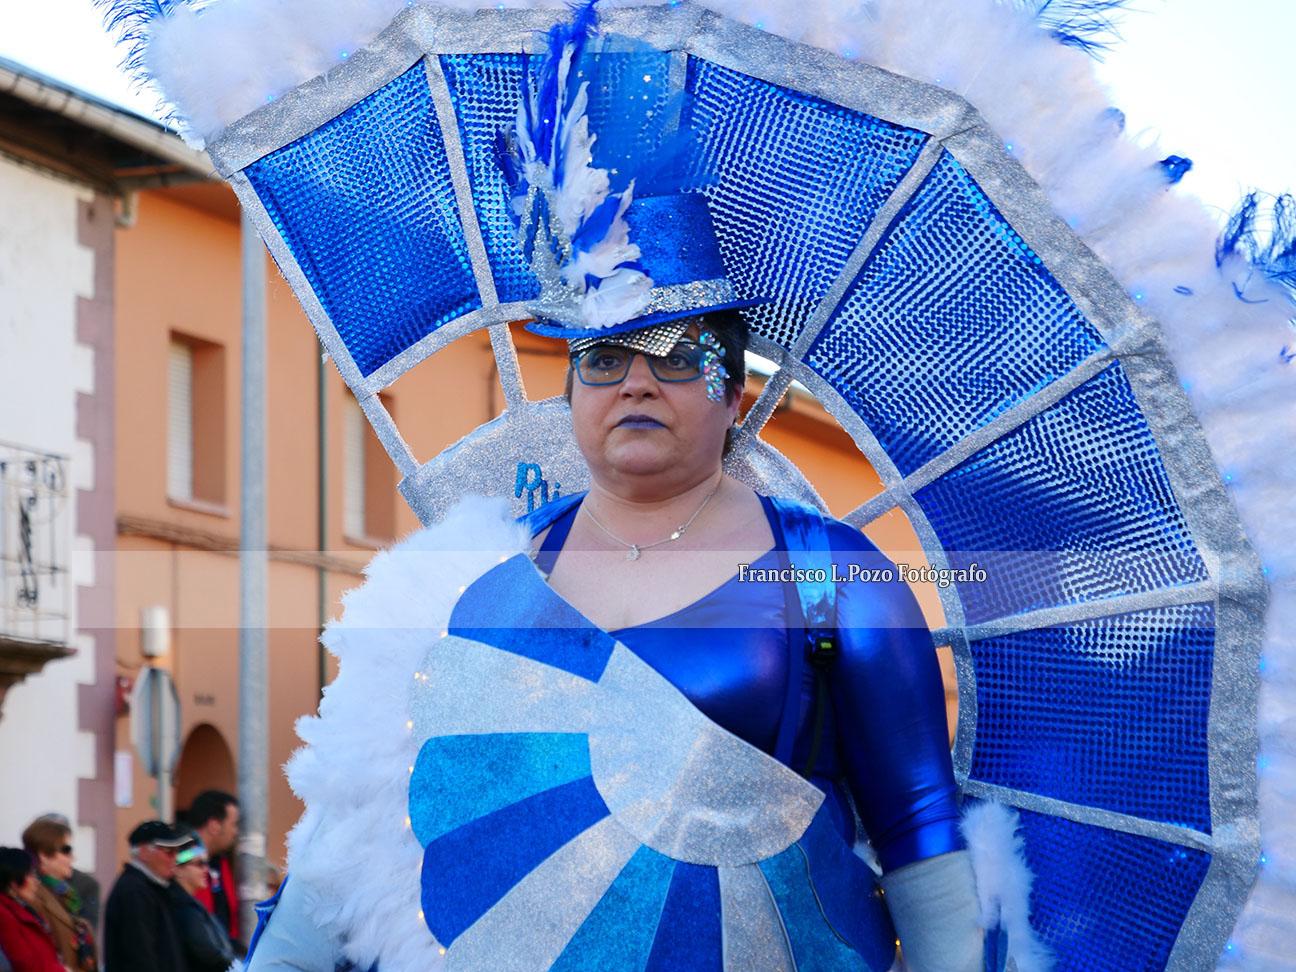 Carnaval 2020: Camponaraya sale a la calle a ritmo de comparsa 51